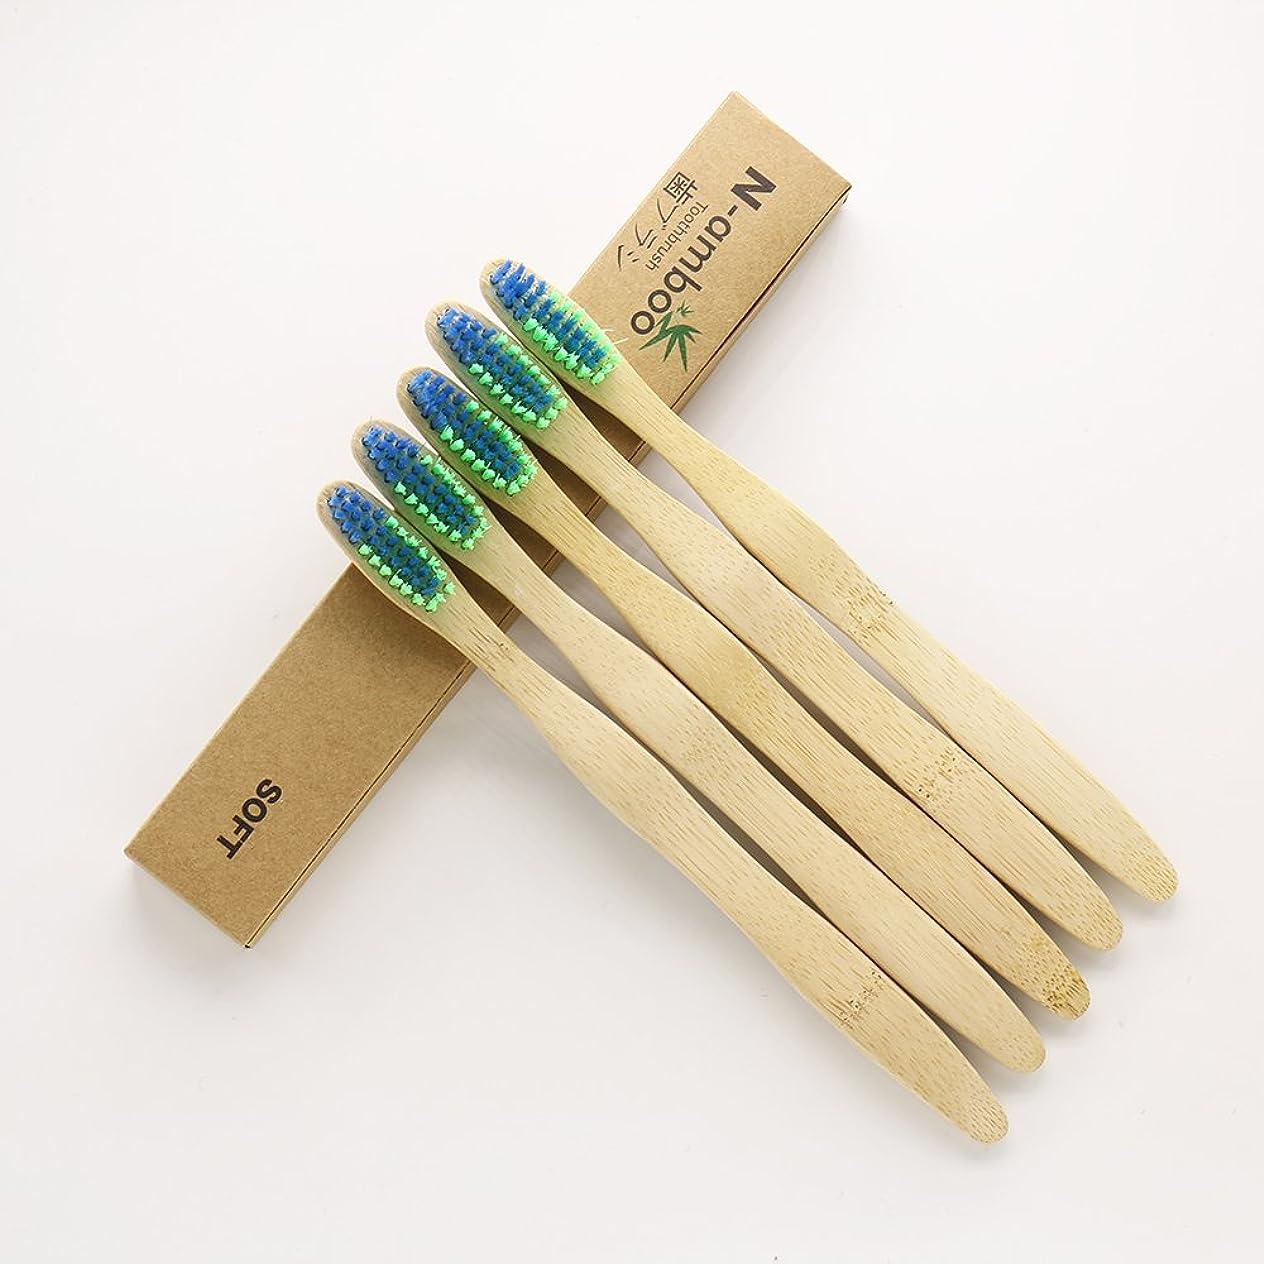 ロンドンなに航空機N-amboo 竹製耐久度高い 歯ブラシ 青と緑色 5本入り セット